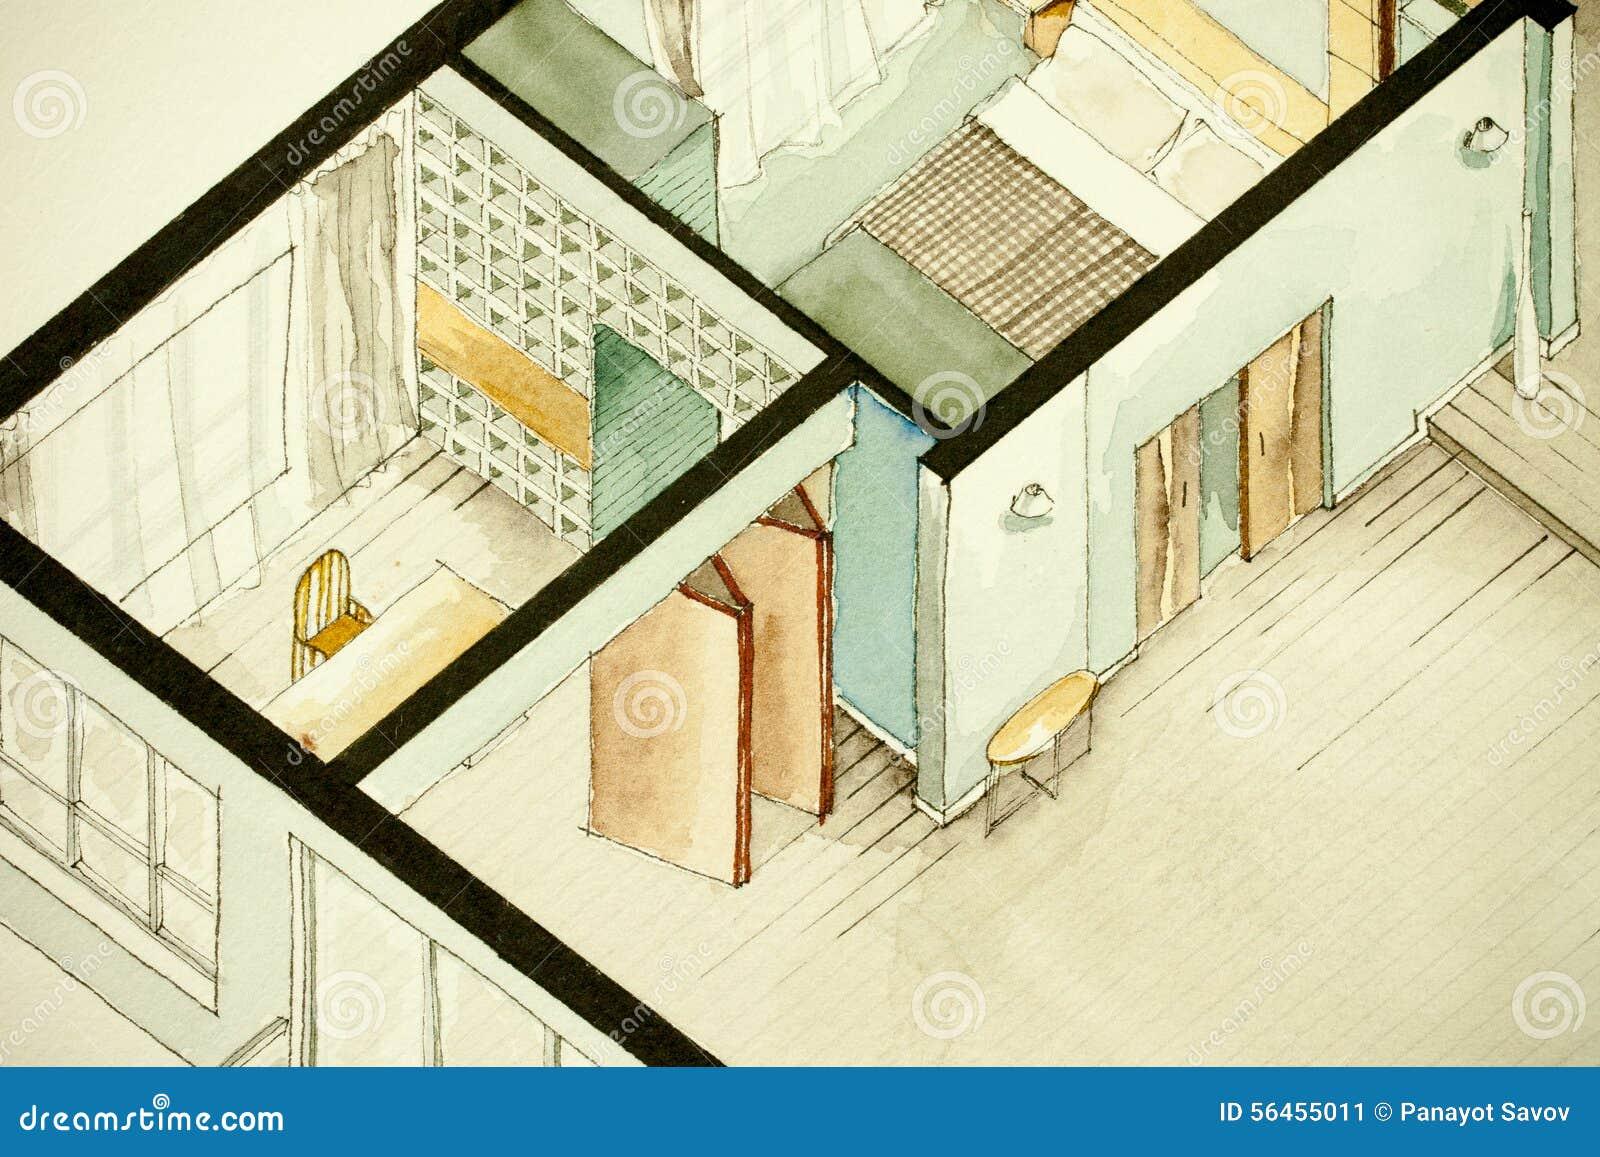 disegno architettonico parziale isometrico dell 39 acquerello